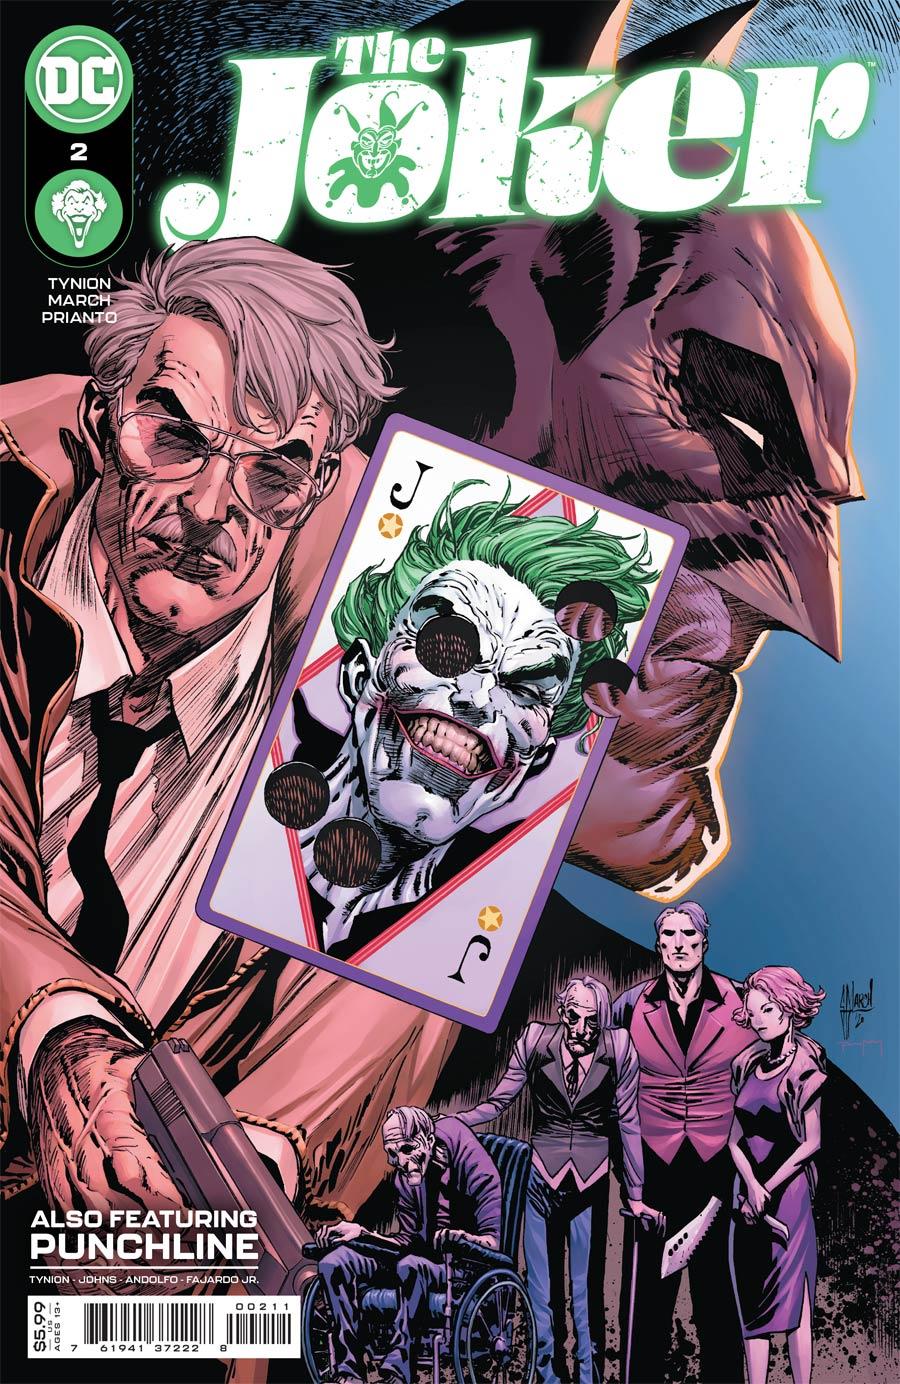 Joker Vol 2 #2 Cover A Regular Guillem March Cover